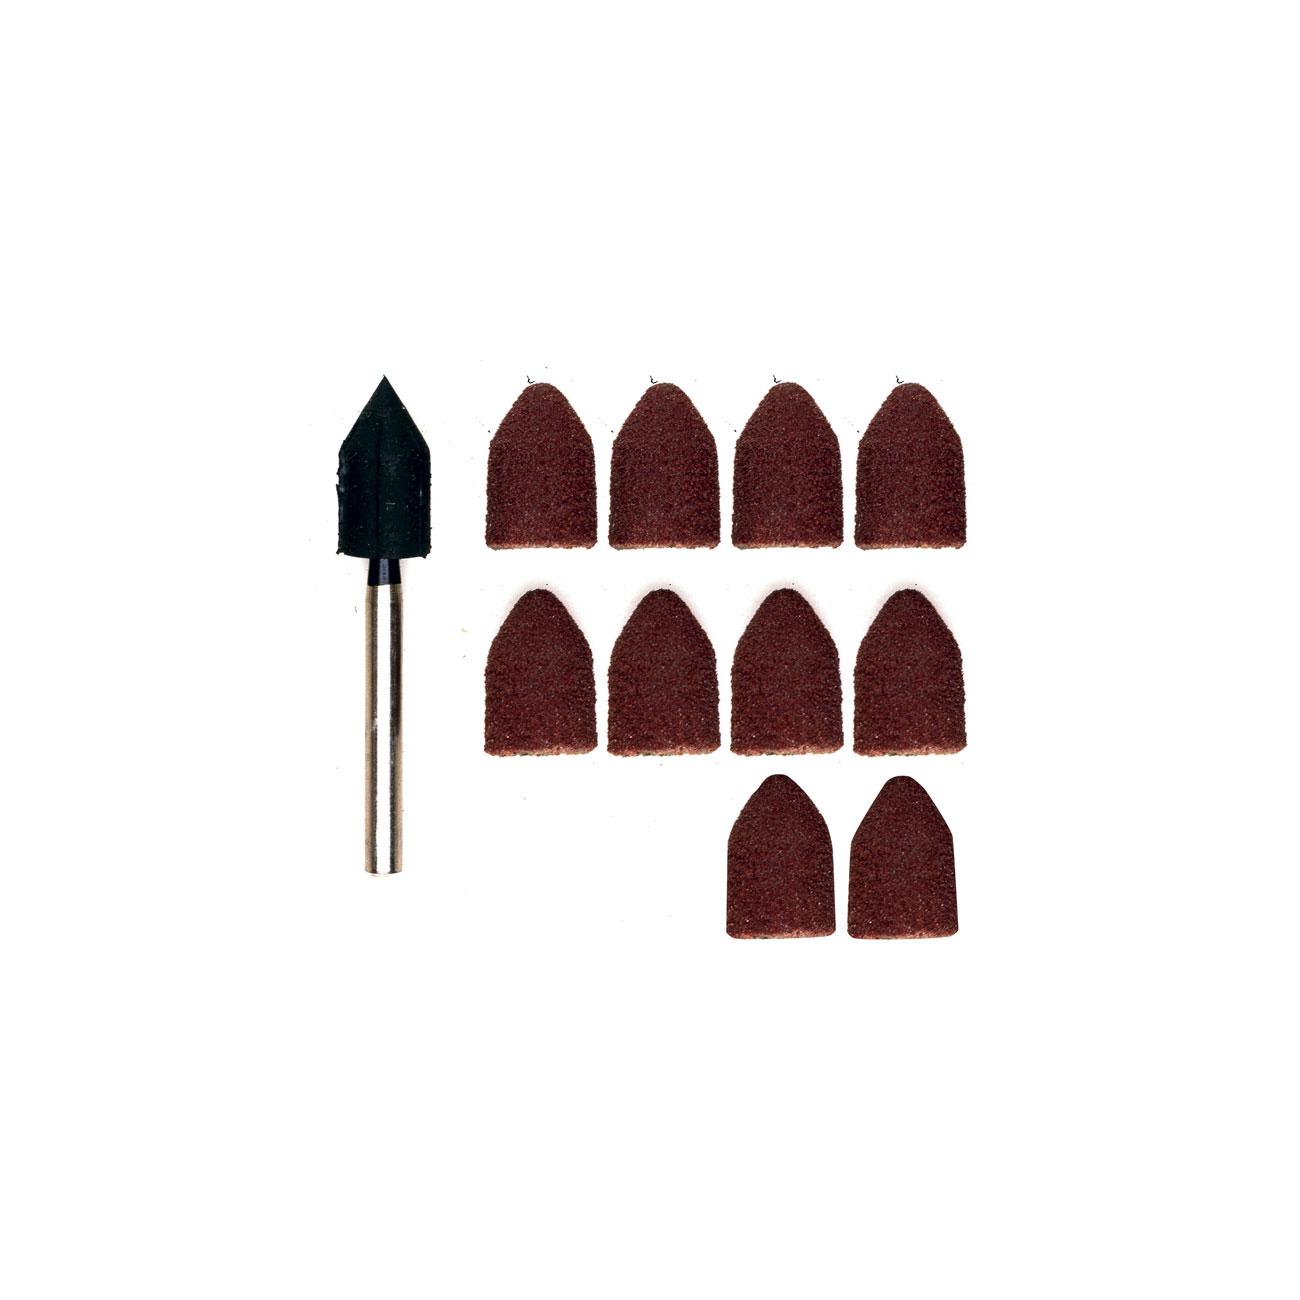 Image of 10 Cappucci abrasivi Proxxon Micromot 28987